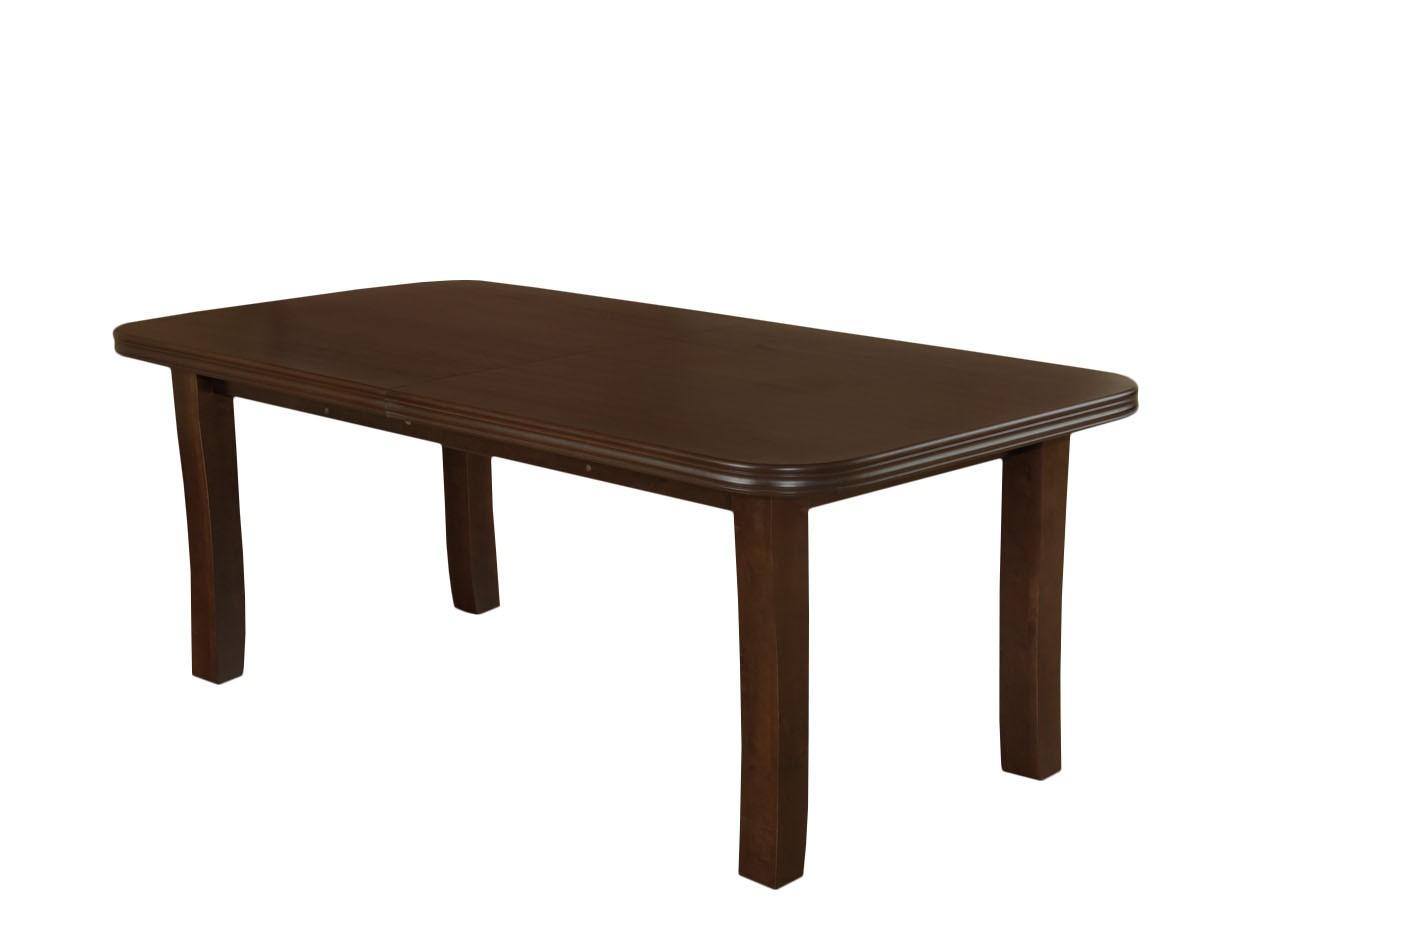 Stół SM 11 do jadalni,salonu rozkładany do 300cm z dwoma wkładkami po 50 cm